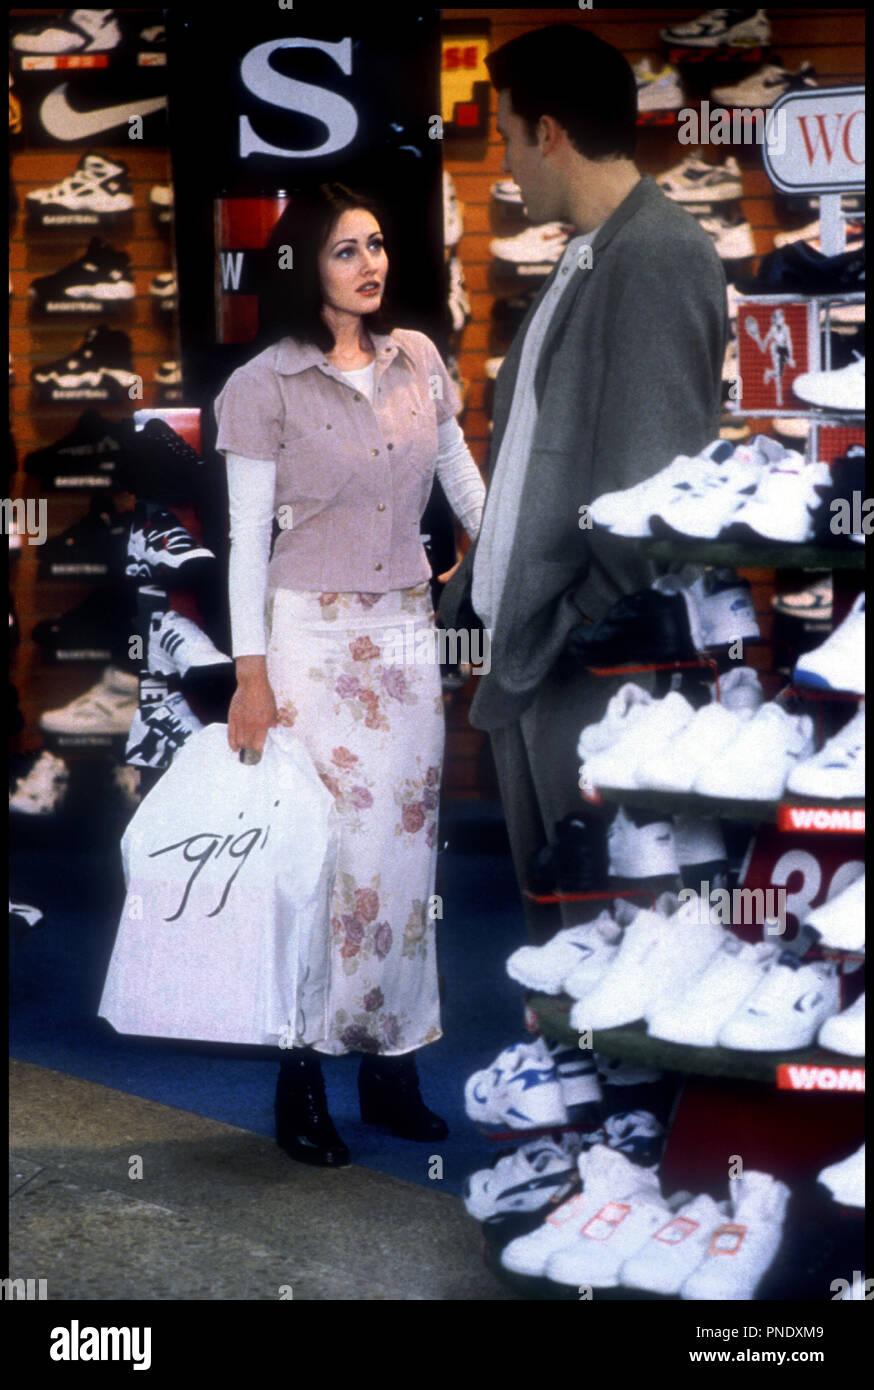 Prod DB © Universal / DR LES GLANDEURS (MALLRATS) de Kevin Smith 1995 USA avec Shannen Doherty et Ben Affleck magasin de chaussures, sports - Stock Image